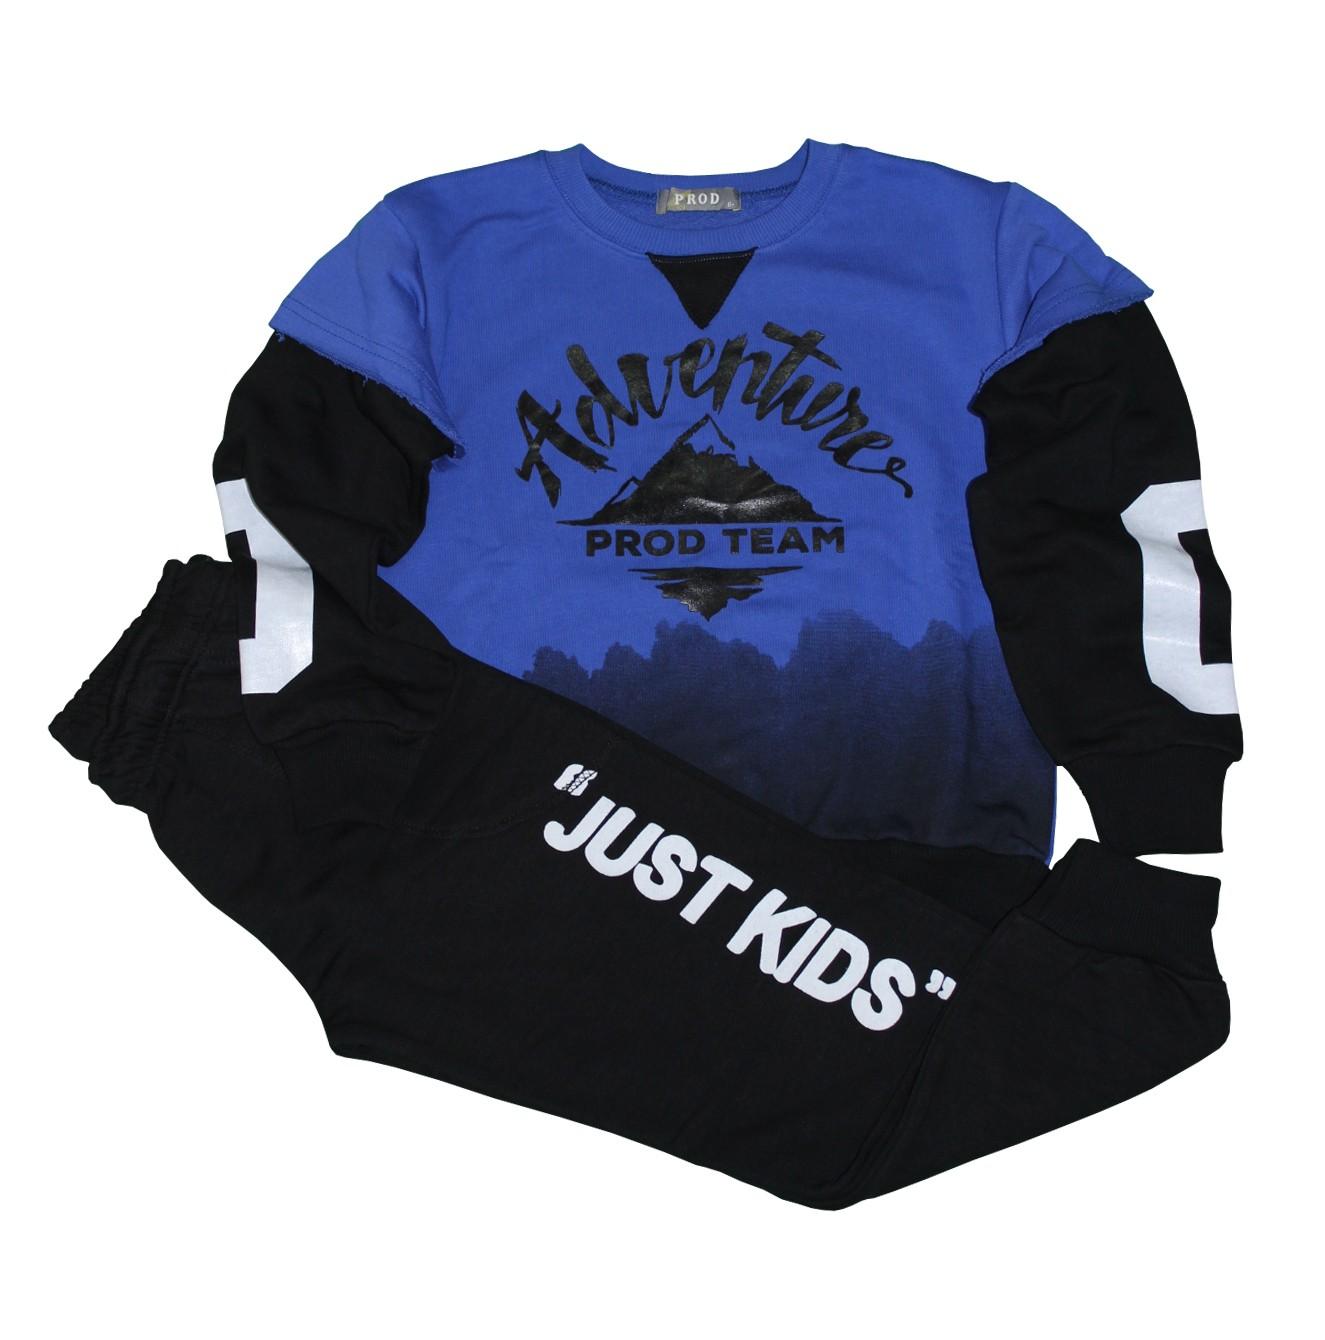 Σετ φόρμες μπλε-μαύρη μπλούζα με μαύρο παντελόνι και σχέδιο ADVENTURE PROD  63754 45f8f34e44d